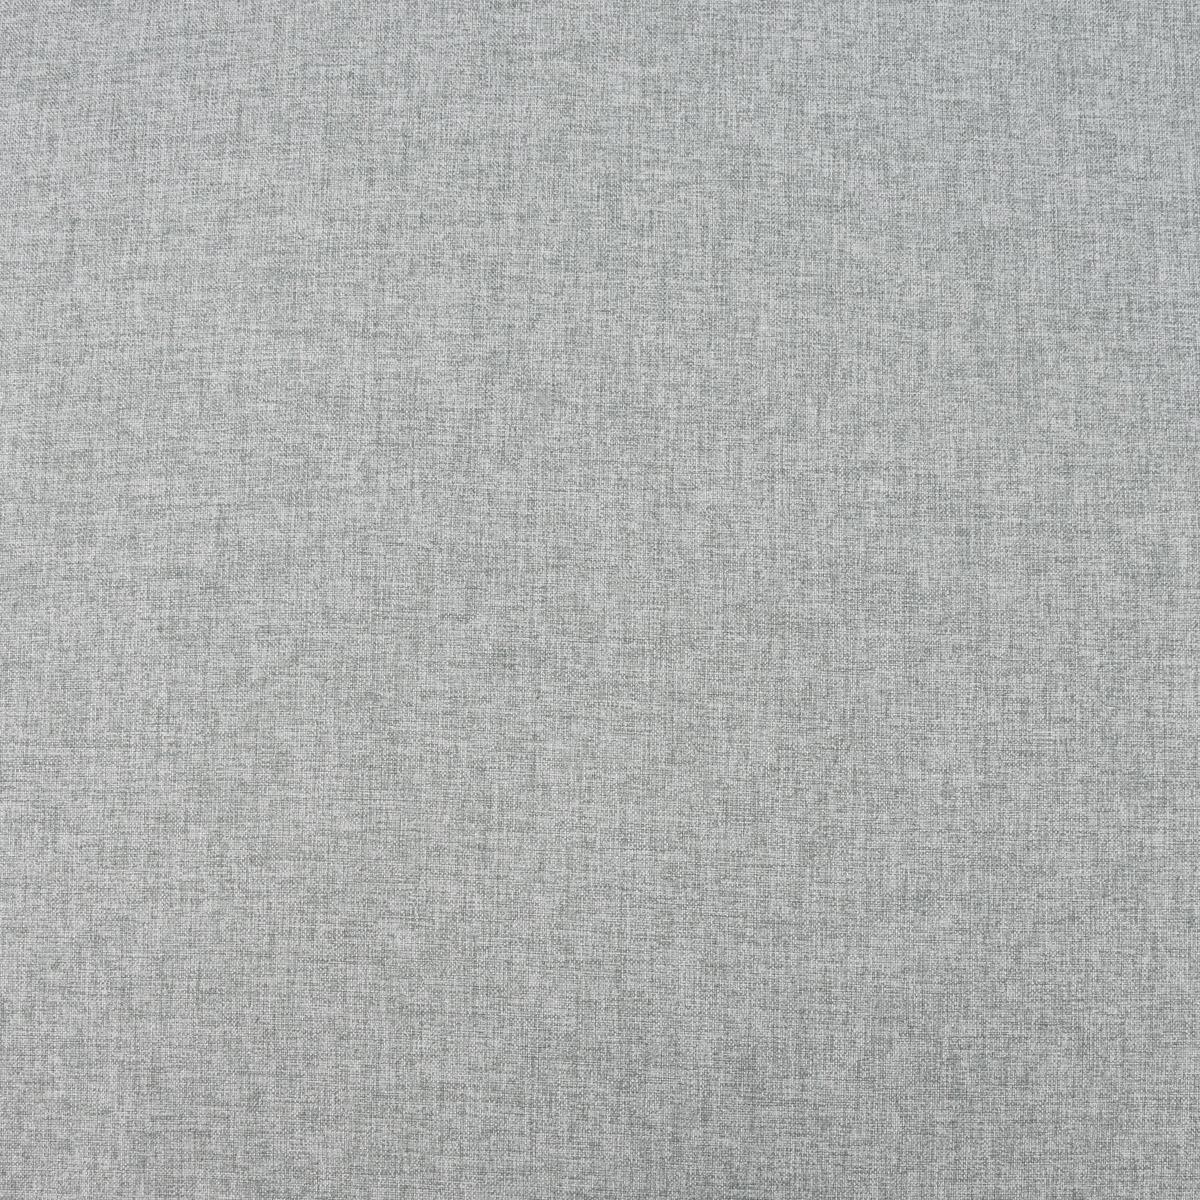 Clarke & Clarke Dekostoff Bezugsstoff Möbelstoff Polsterstoff Webstoff Wool-Touch Wollcharakter meliert mint pastell 140cm Breite